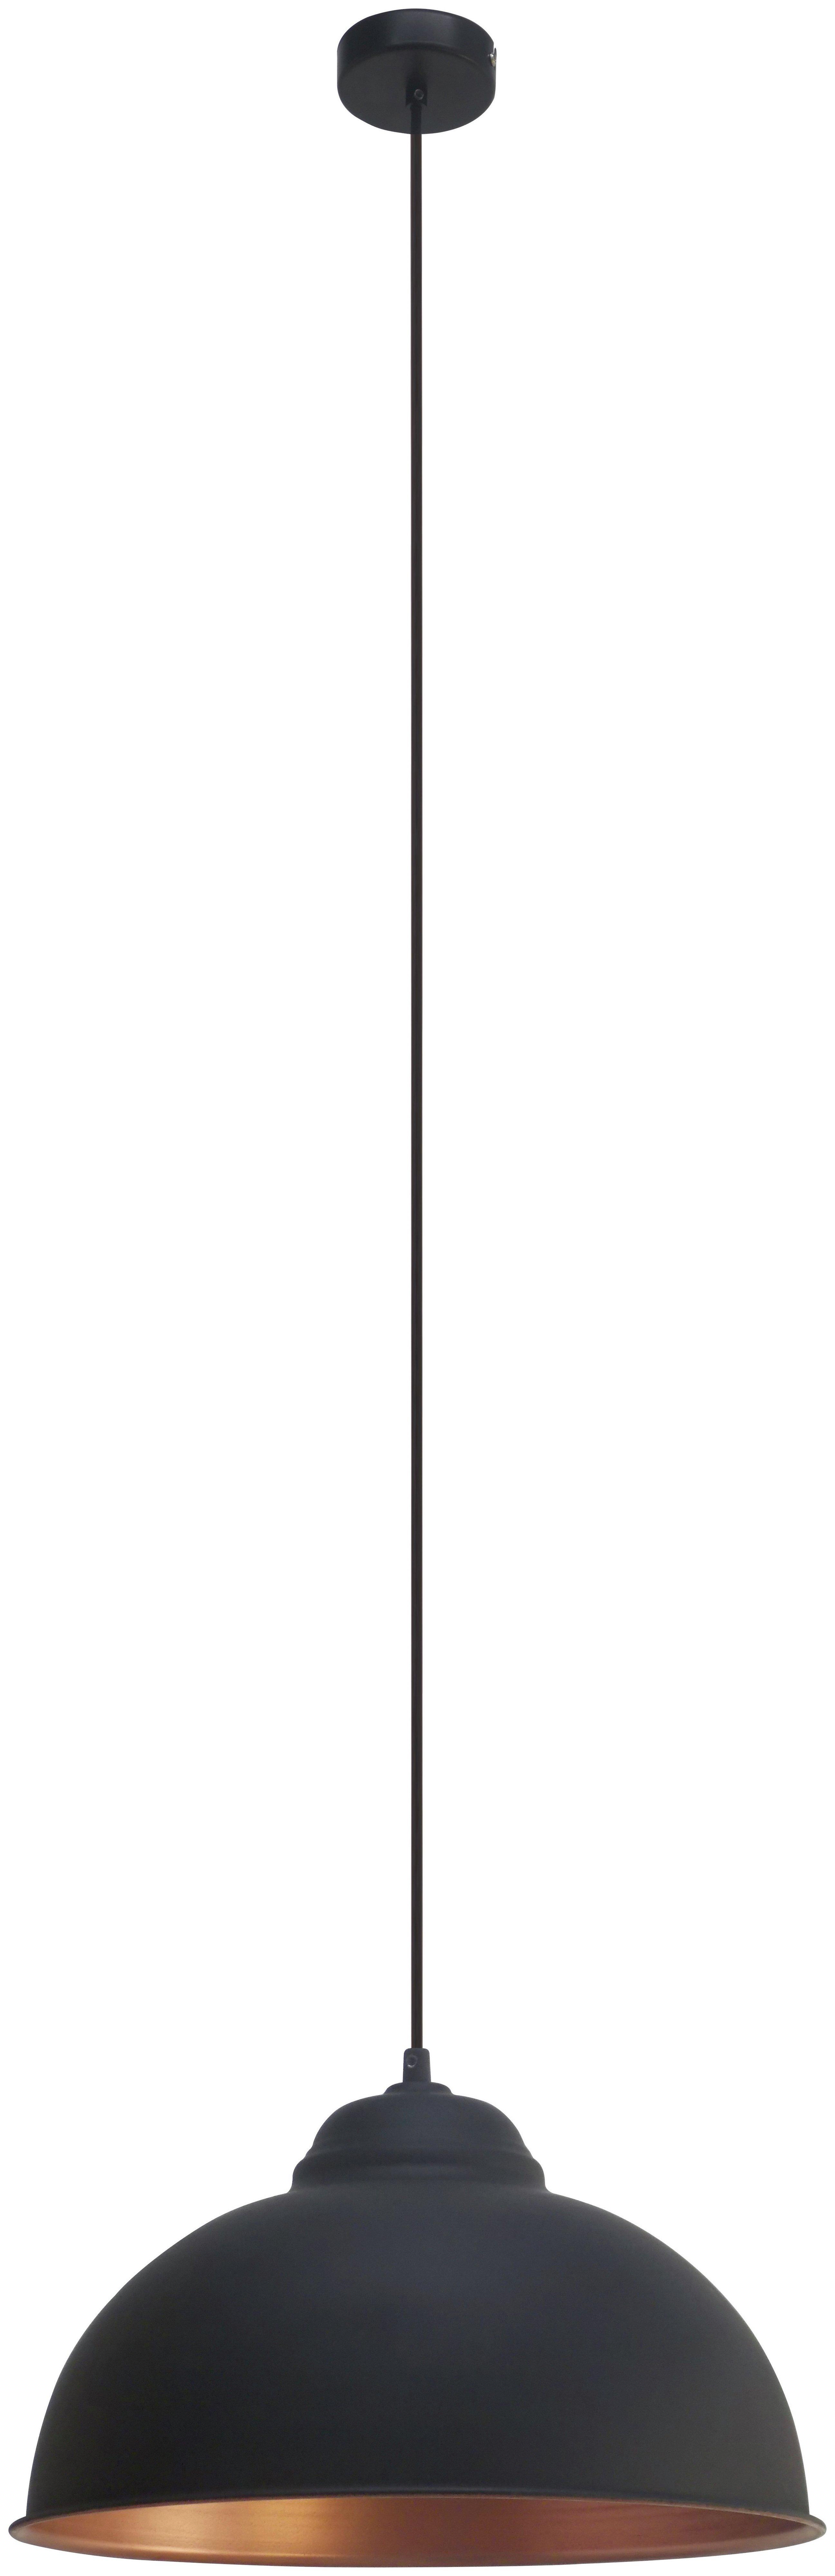 Image of Eglo Truro Pendant Light - Black and Copper.